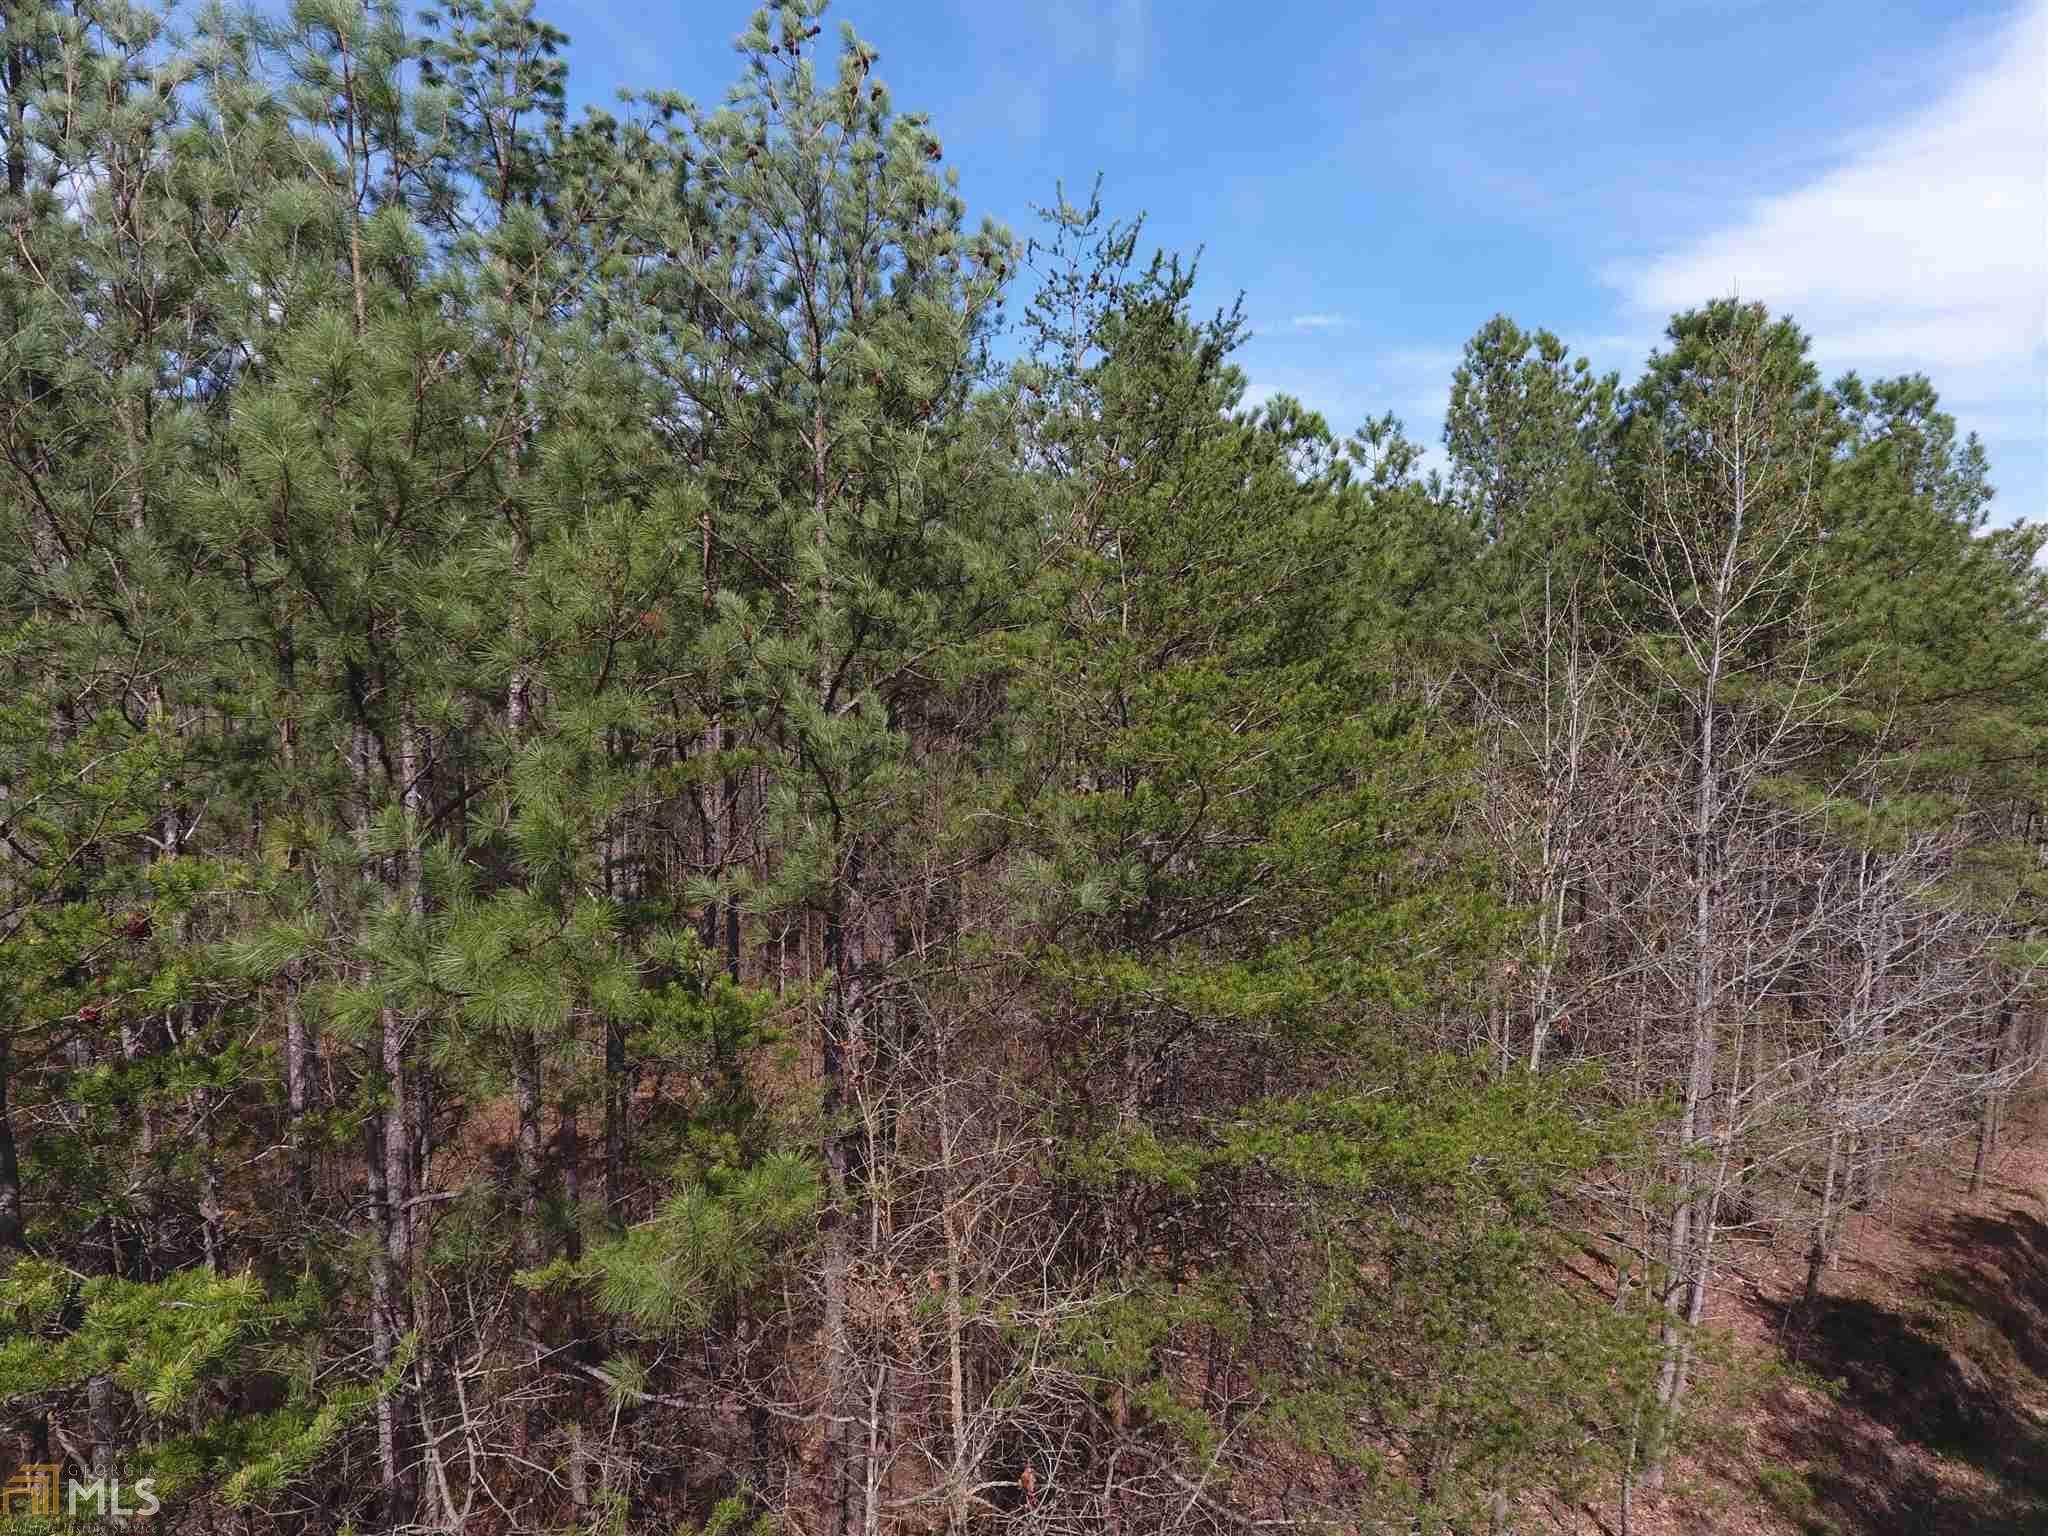 0 Pine Ridge Rd 5004-6, White, GA 30184 (MLS #8757807) :: Buffington Real Estate Group